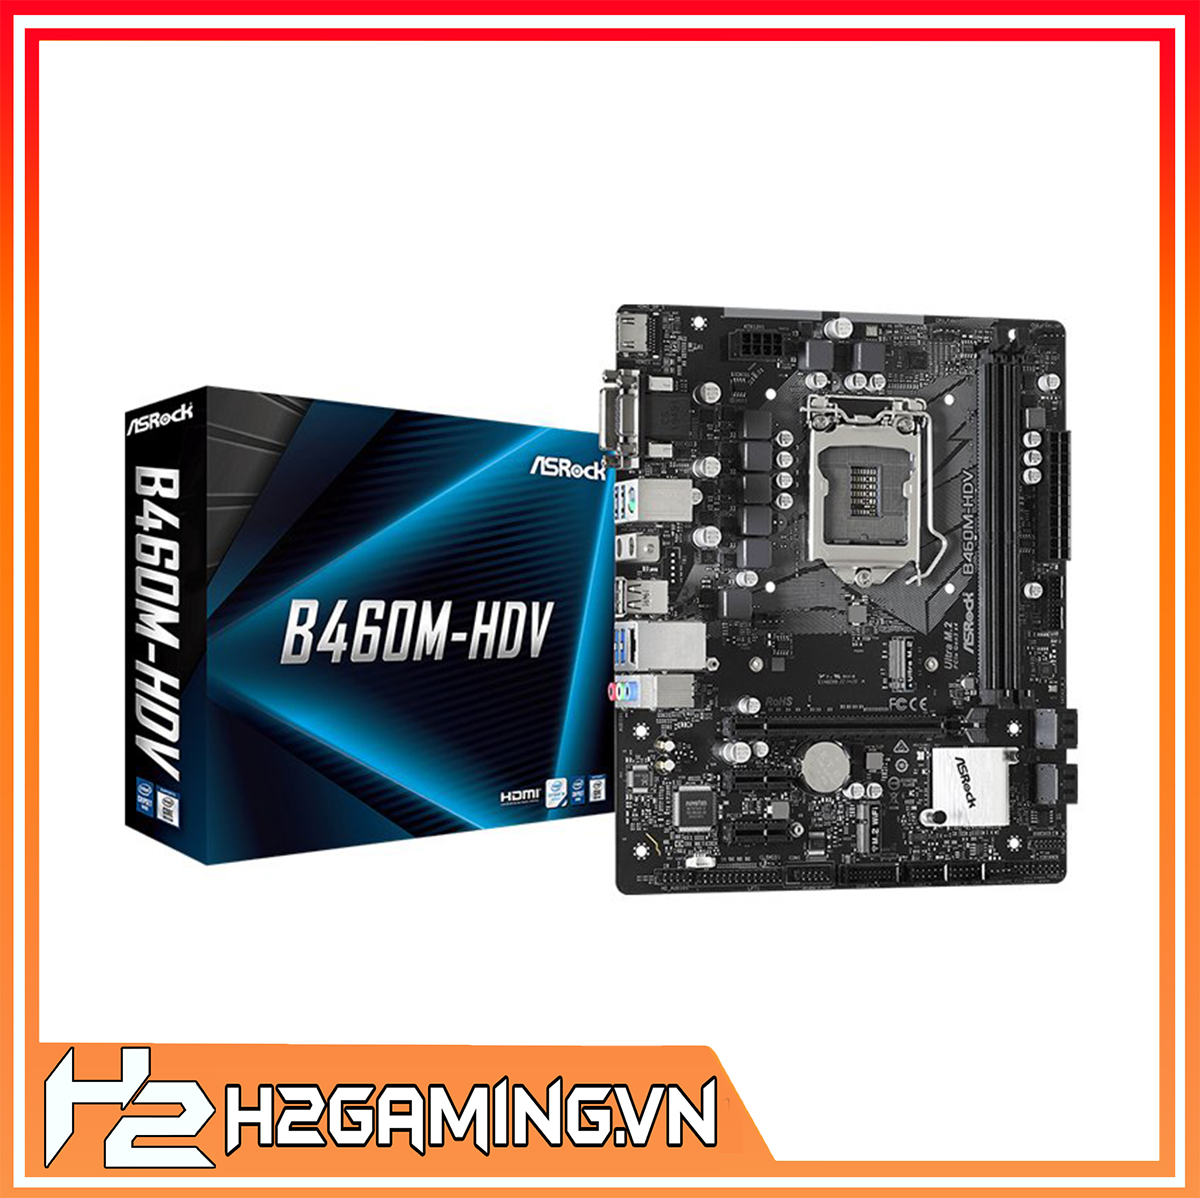 Mainboard_ASROCK_B460M-HDV_(Intel_B460,_Socket_1200,_m-ATX,_2_khe_Ram_DDR4)1